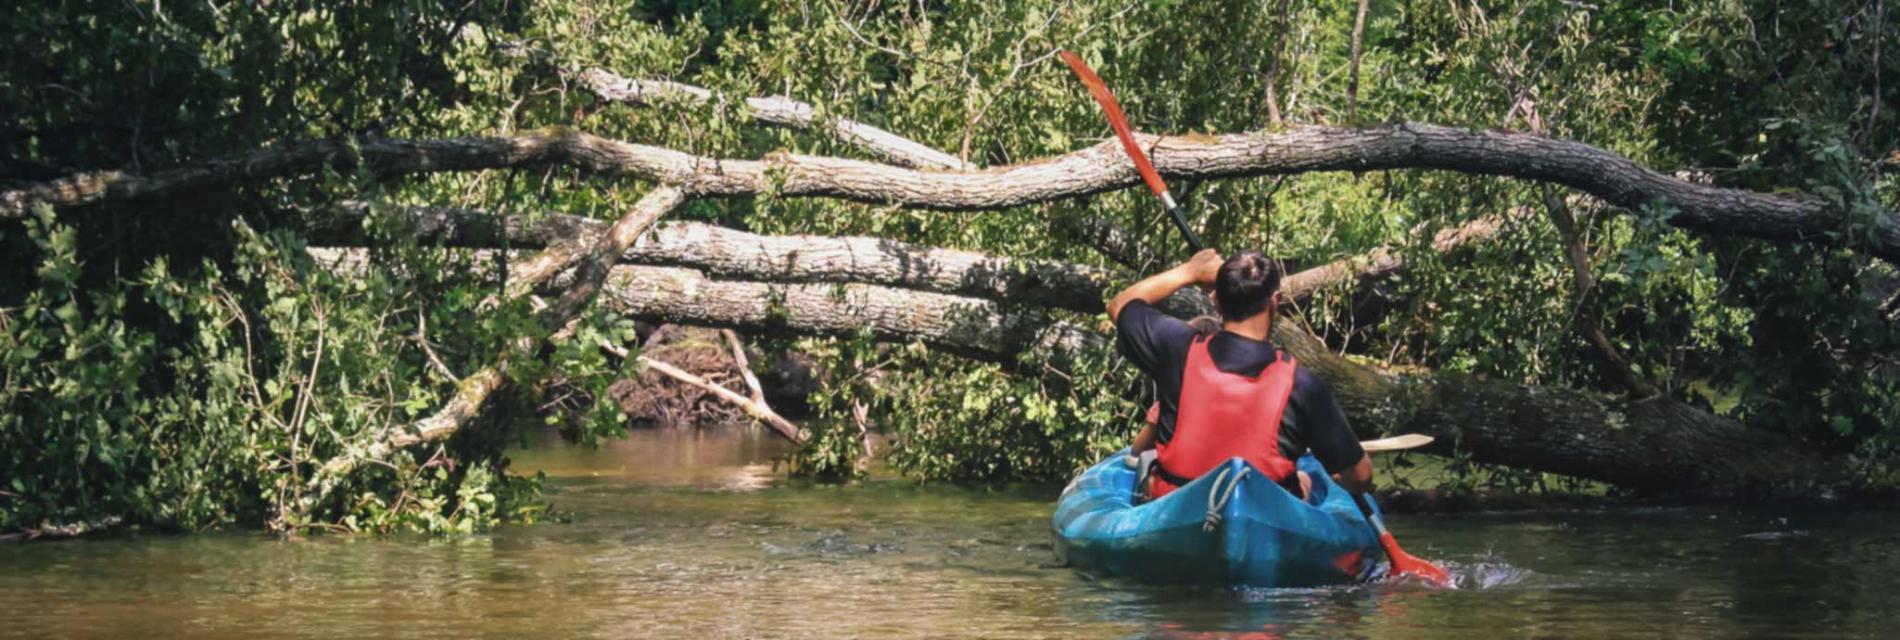 Slide activité familale : le canöé